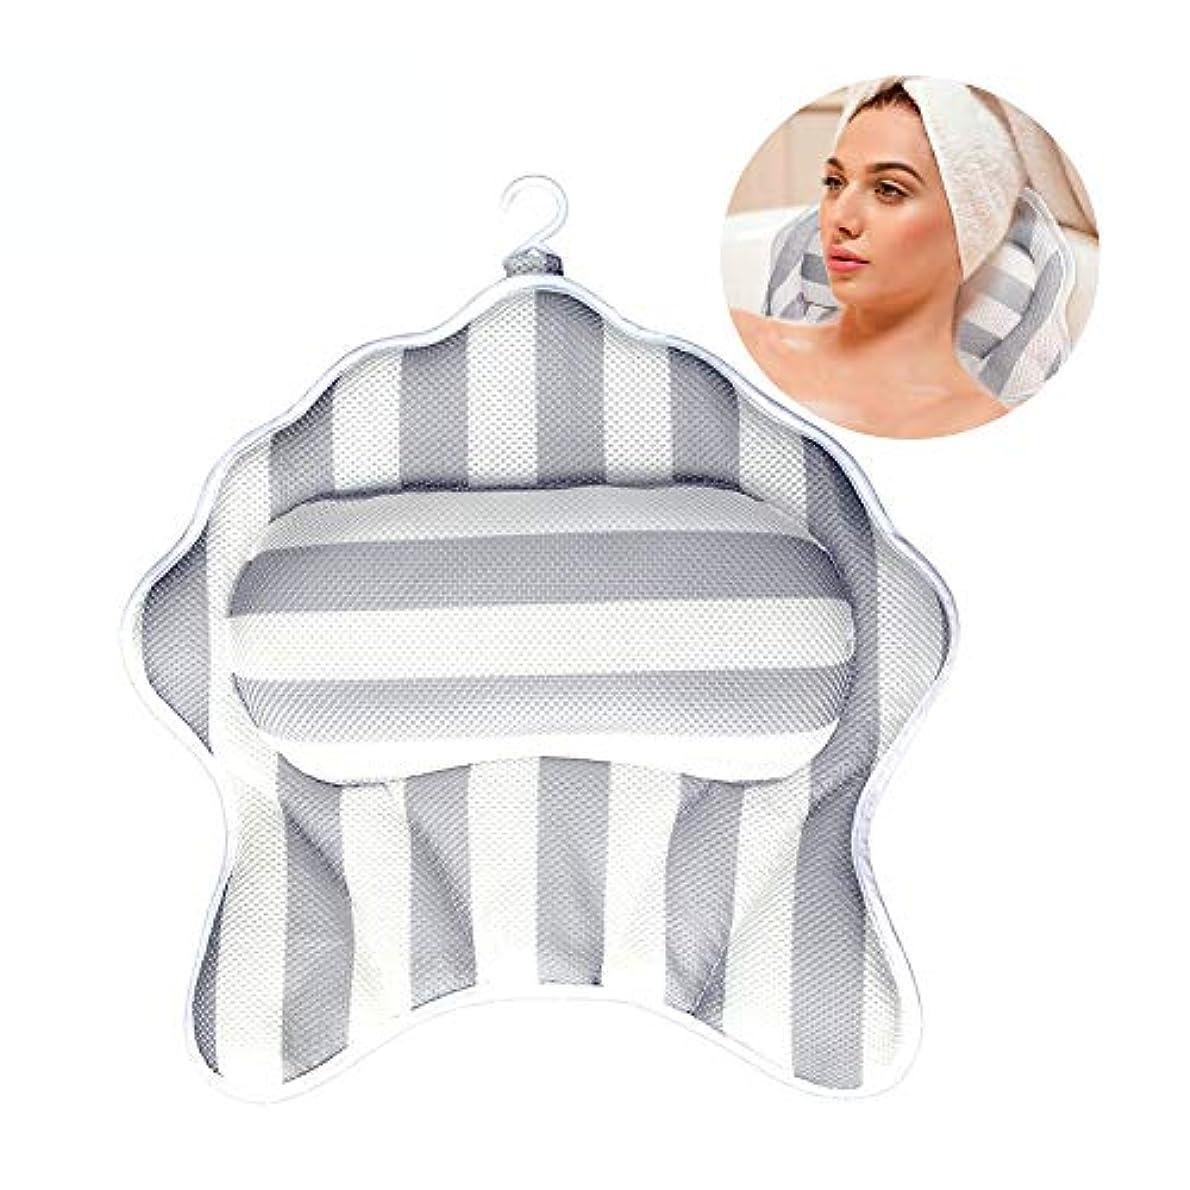 ヤギ夜答え3dメッシュヒトデスパマッサージバスタブ枕浴室枕クッションwith6強い吸引カップは洗濯機で洗えます